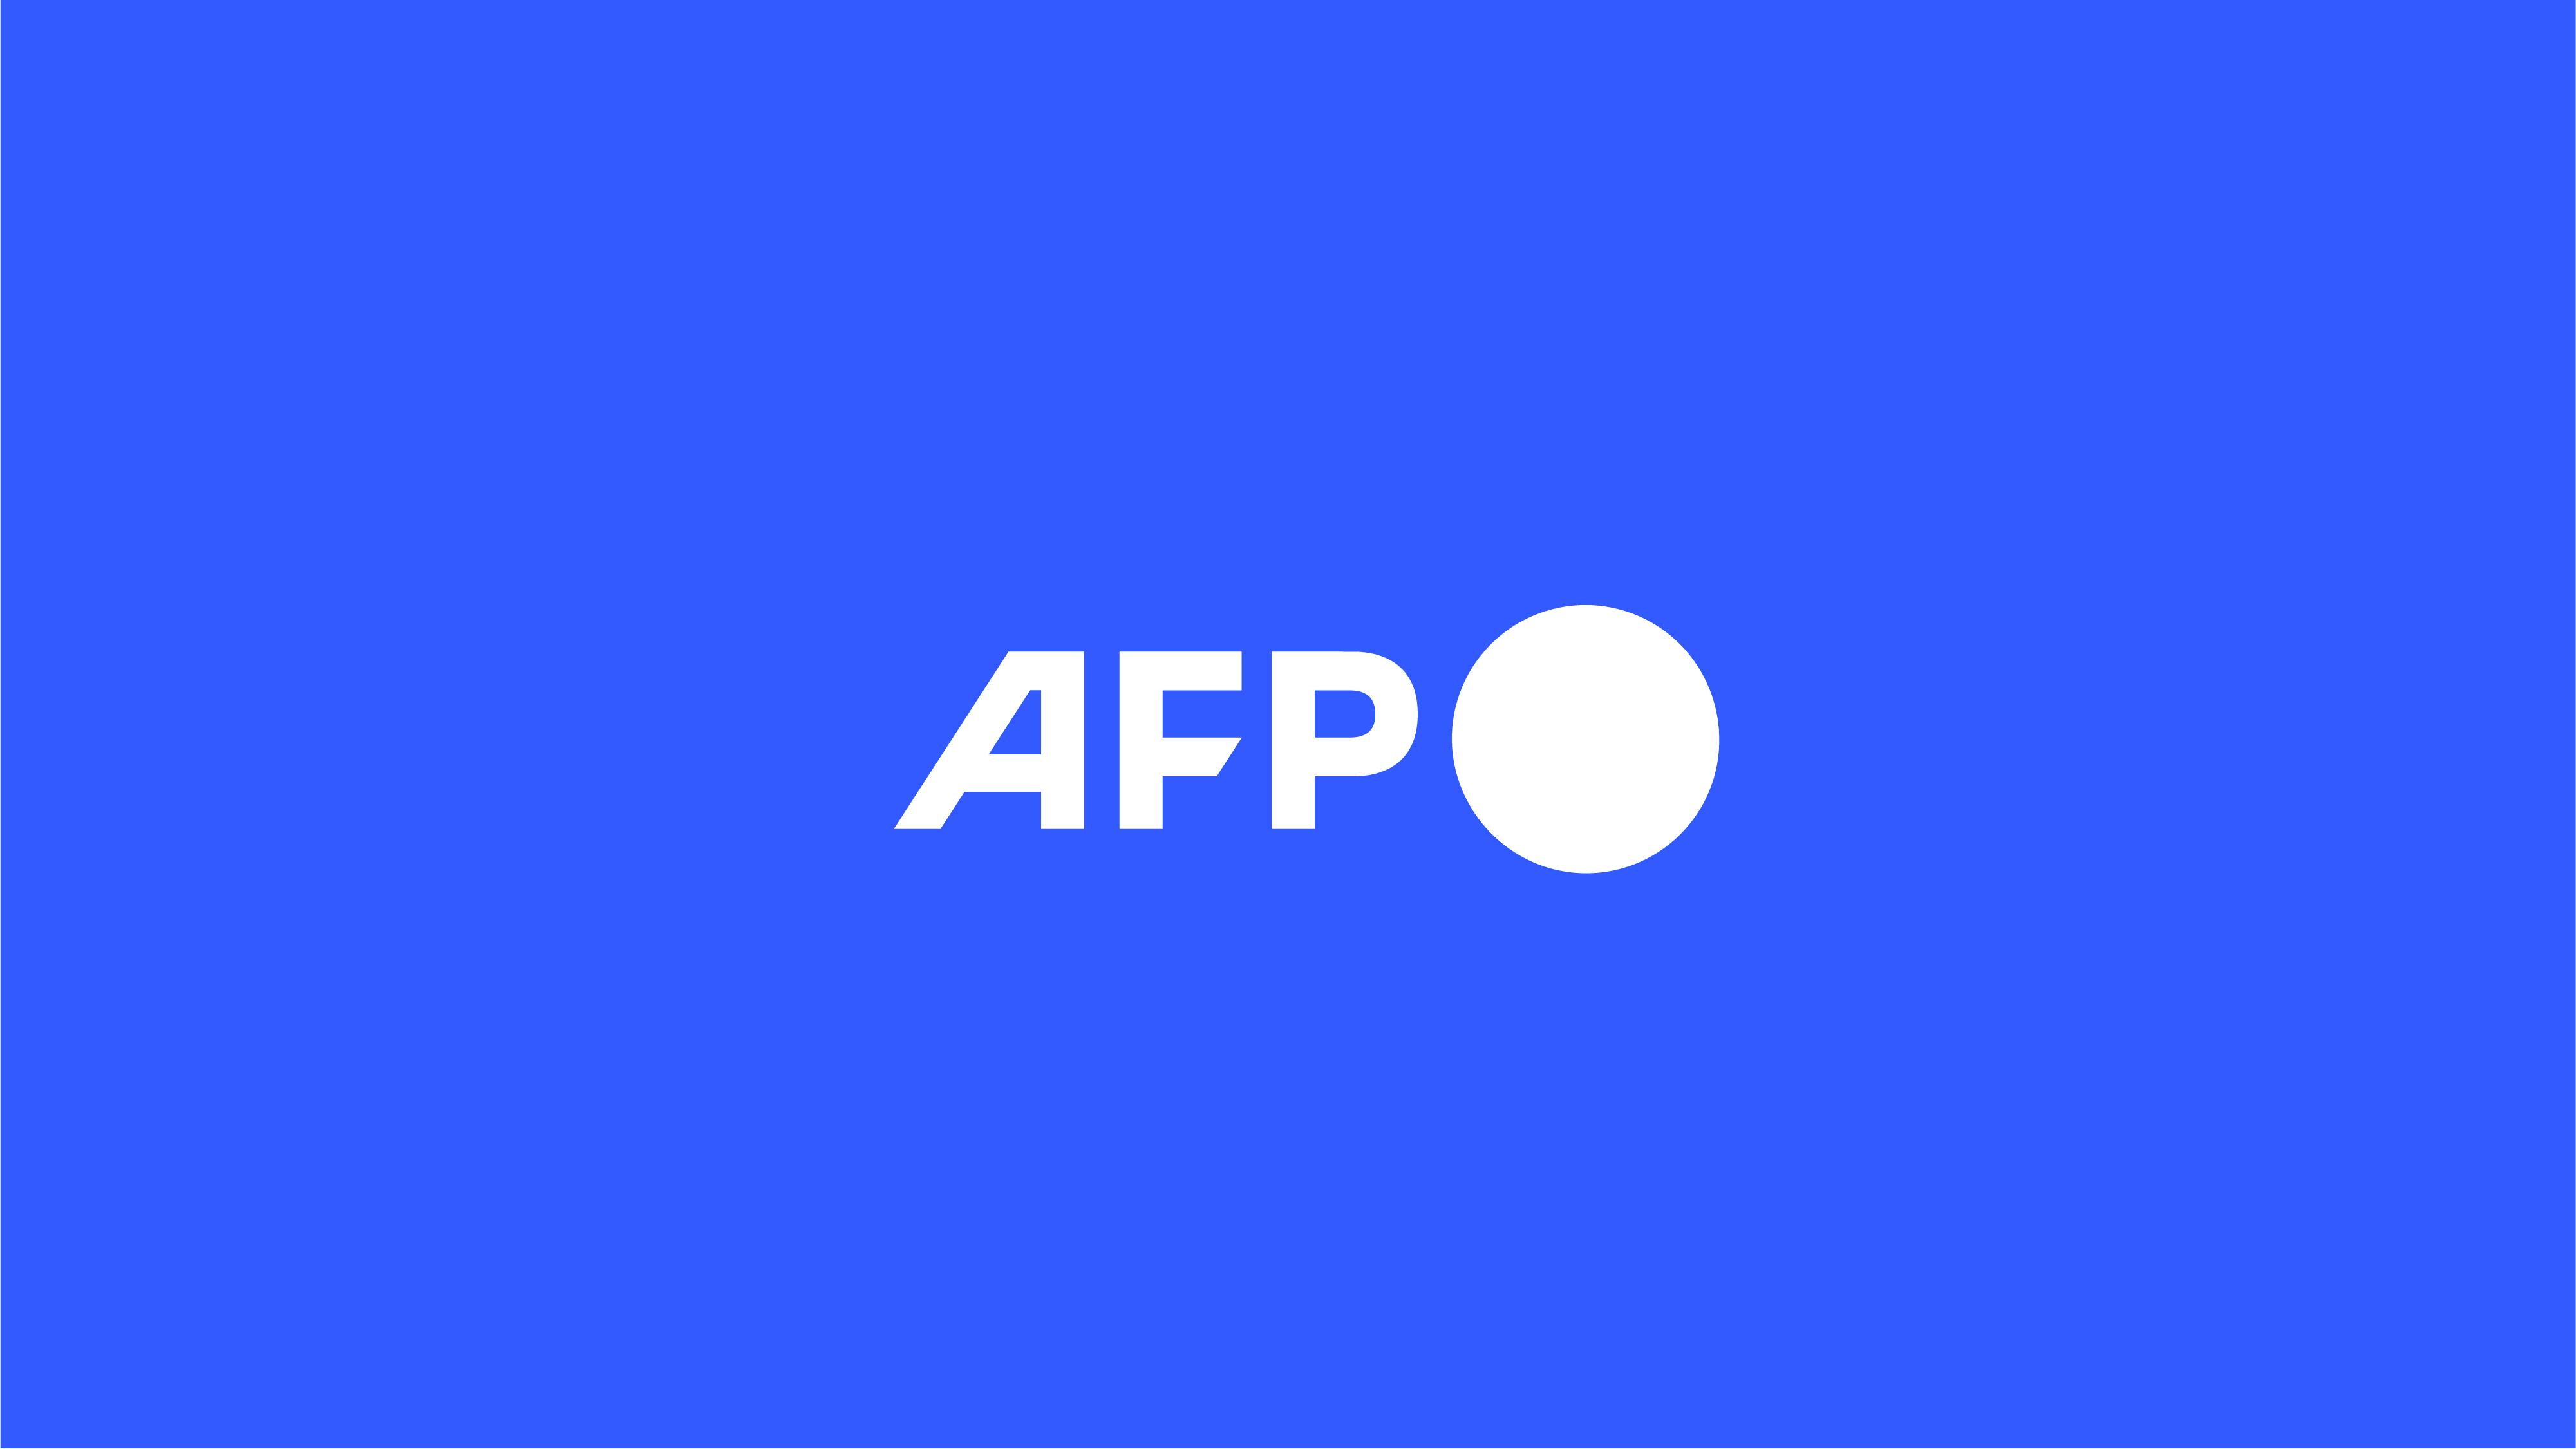 Nouveau logotype de l'AFP (Agence France-Presse)